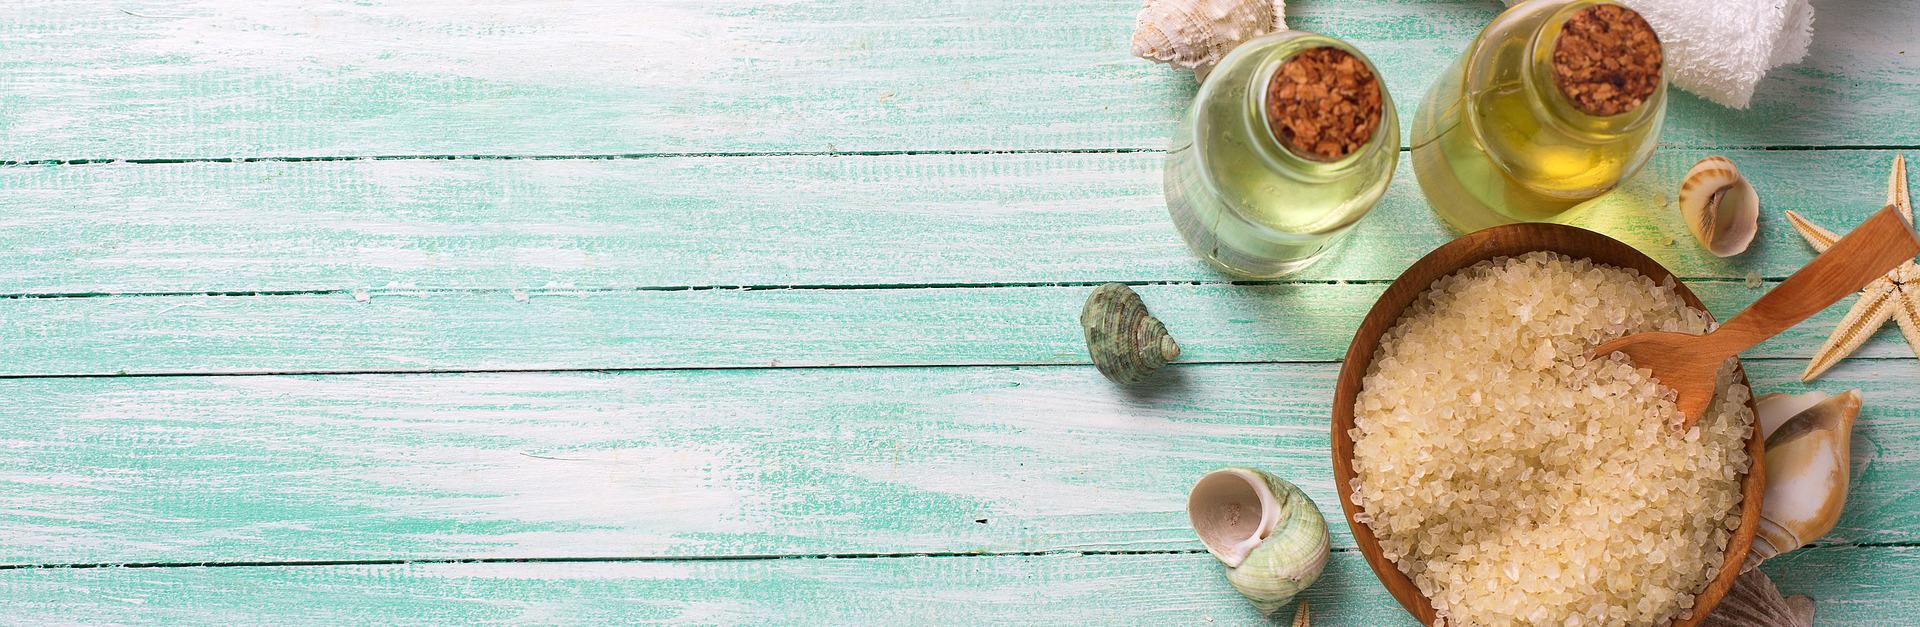 Identificação de 45 plantas aromáticas e medicinais usadas na indústria cosmética e farmacêutica